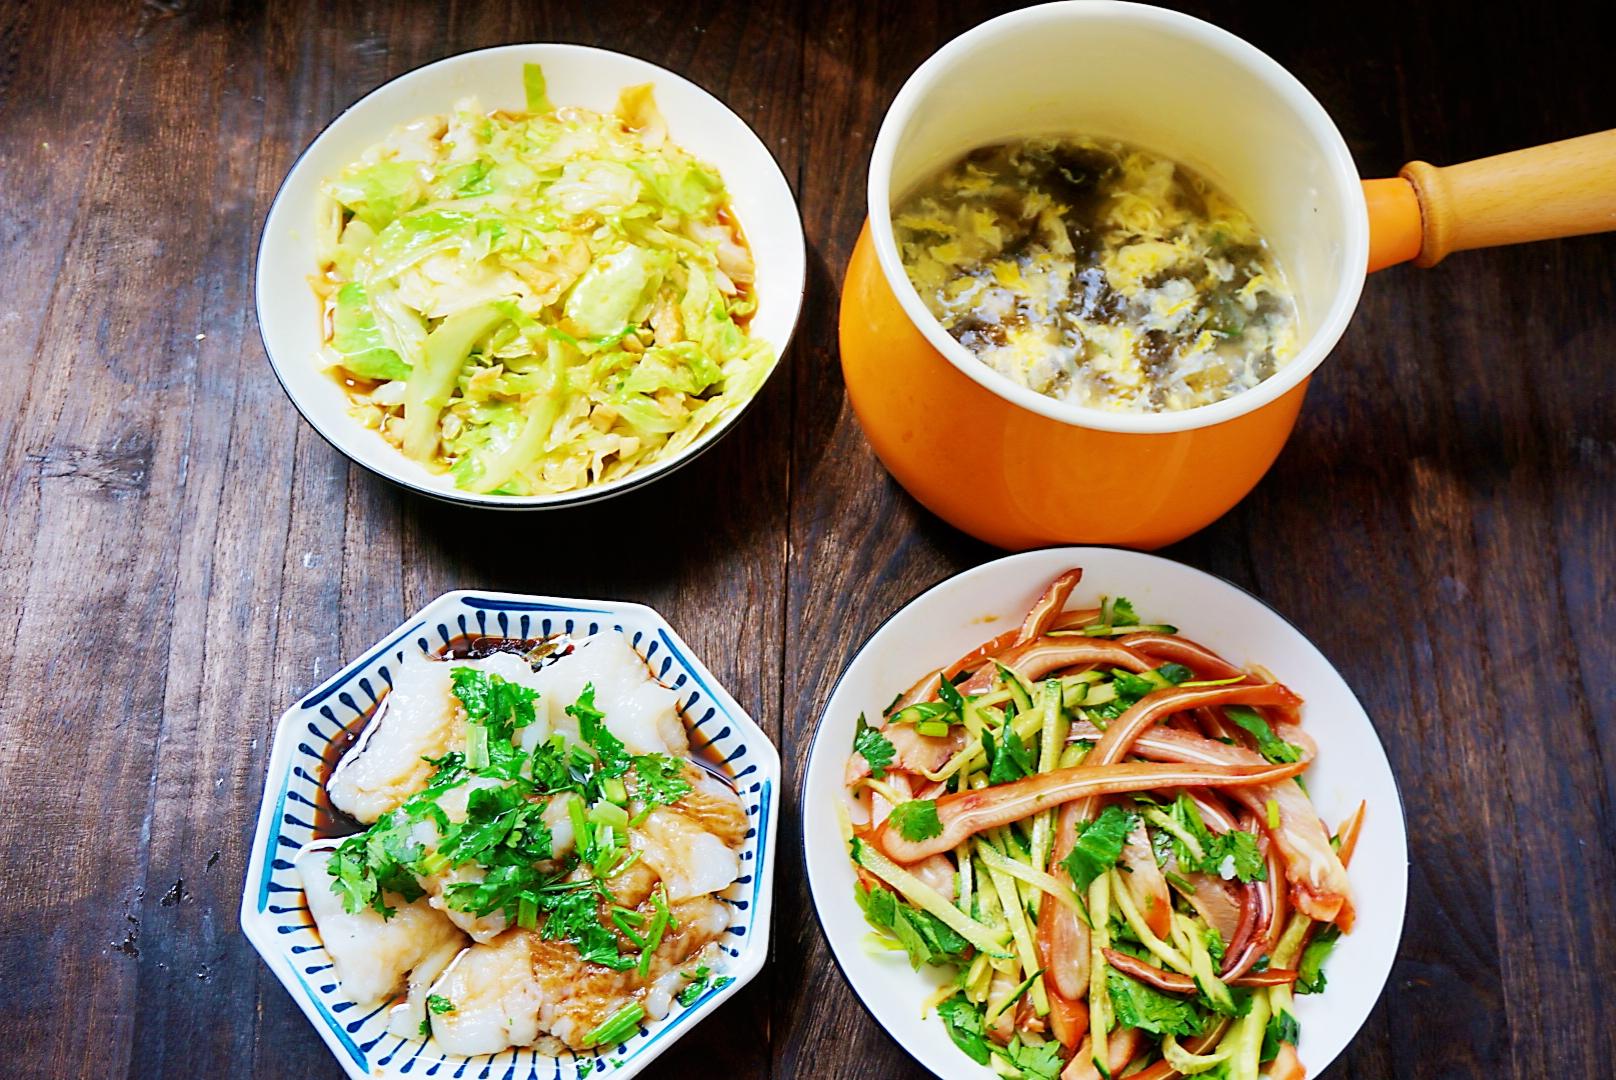 晒晒我家的晚餐,7天不重样,营养丰富,网友:生活有滋有味 美食做法 第6张